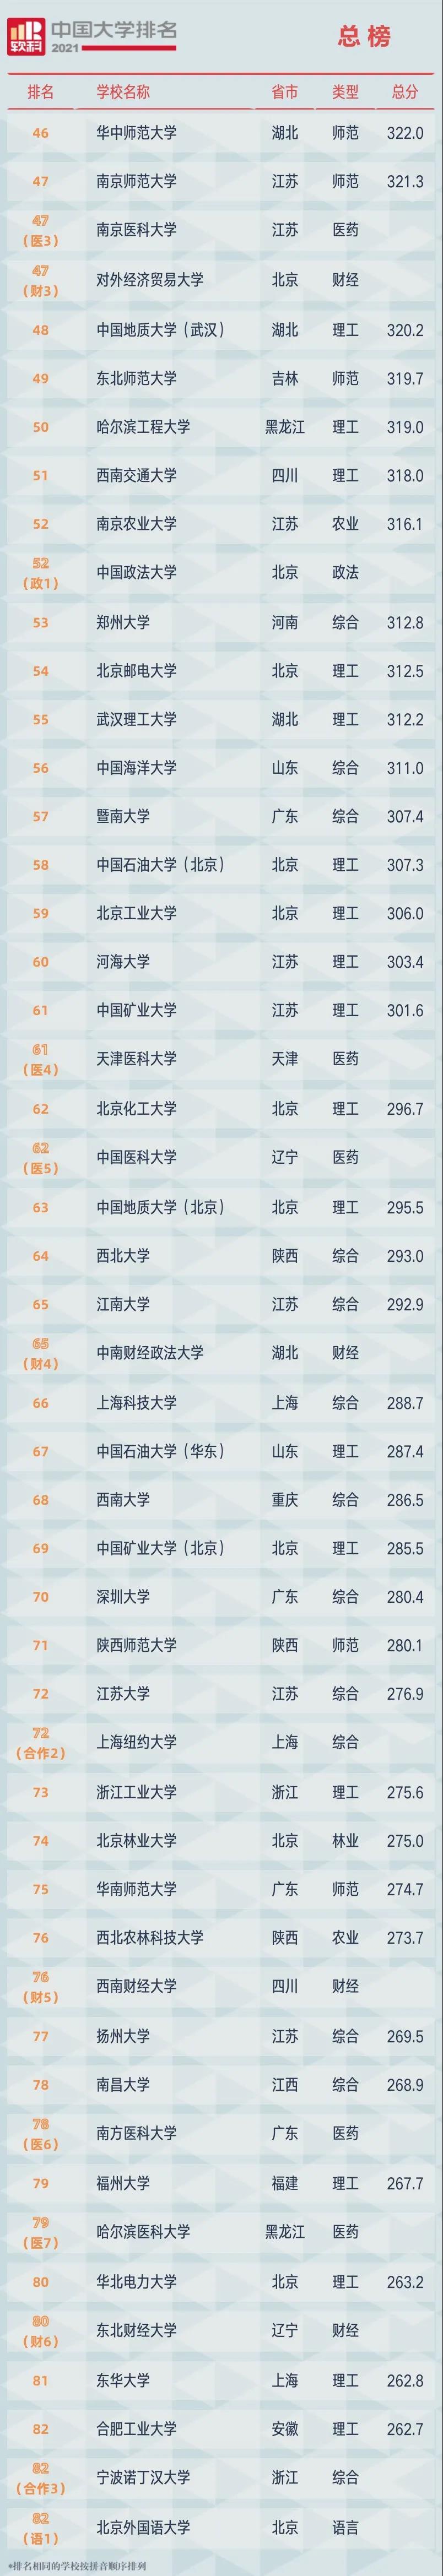 2021软科中国大学排名(总榜)2